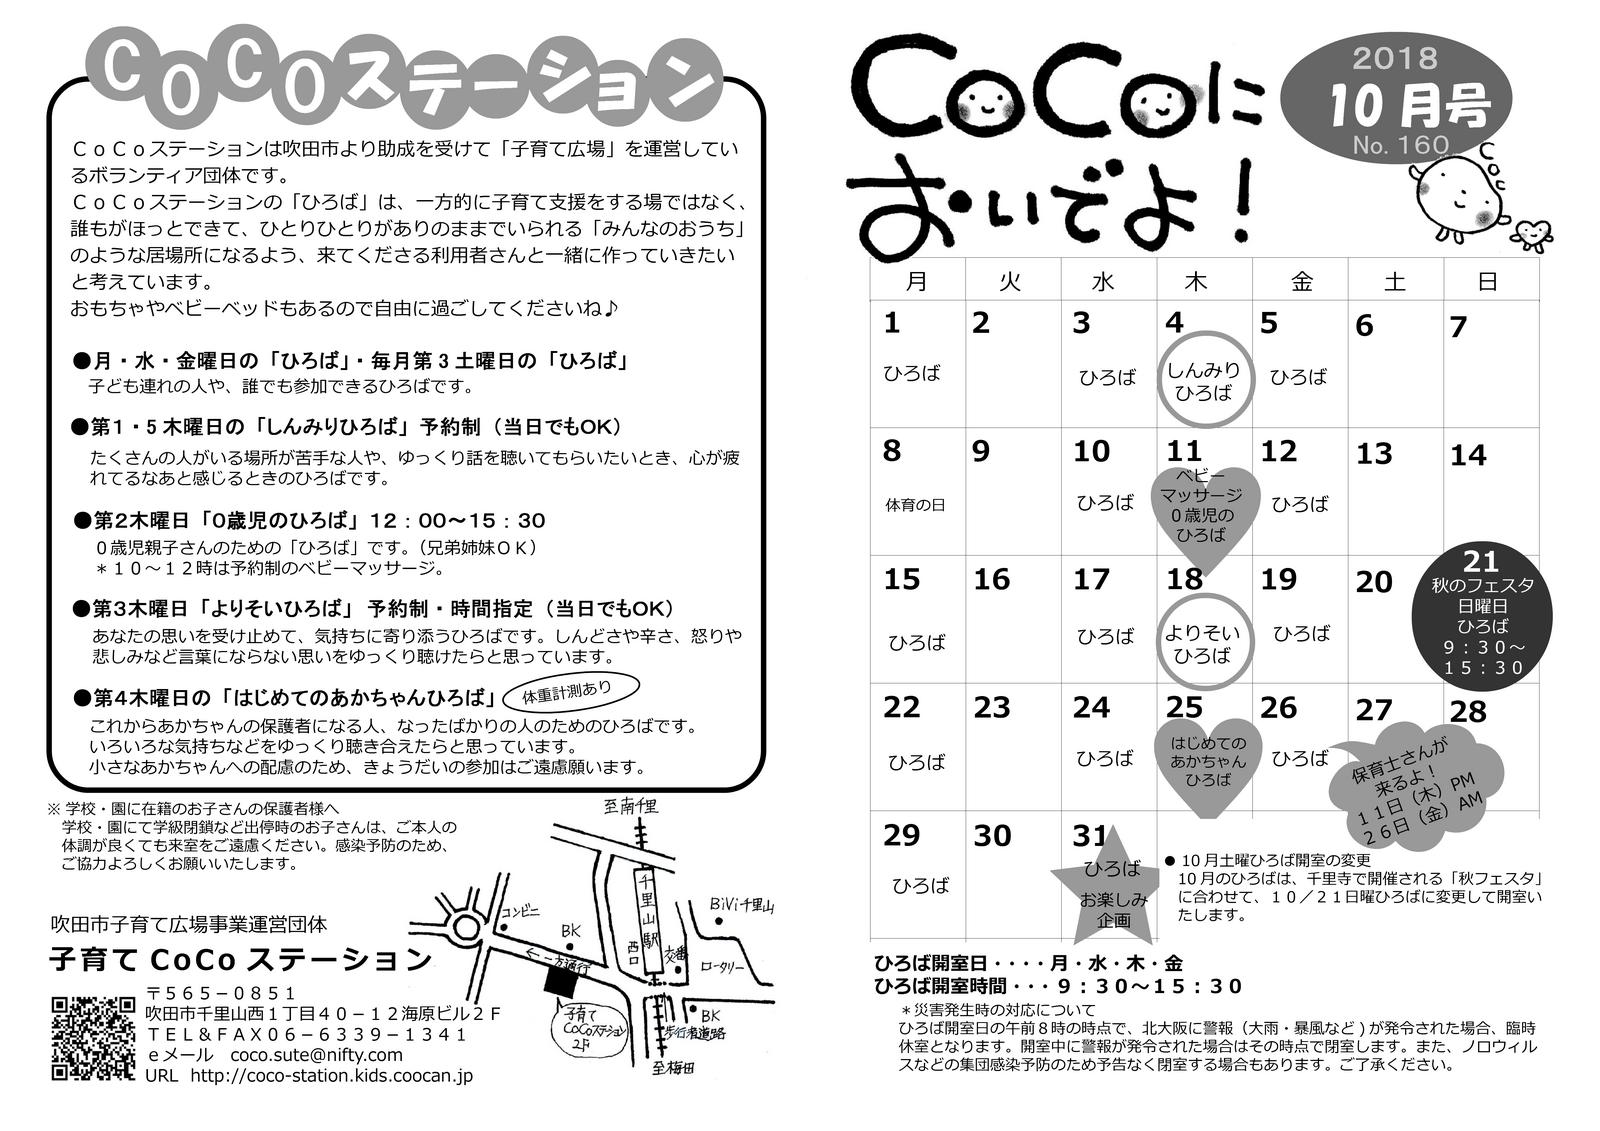 Coco_30_10